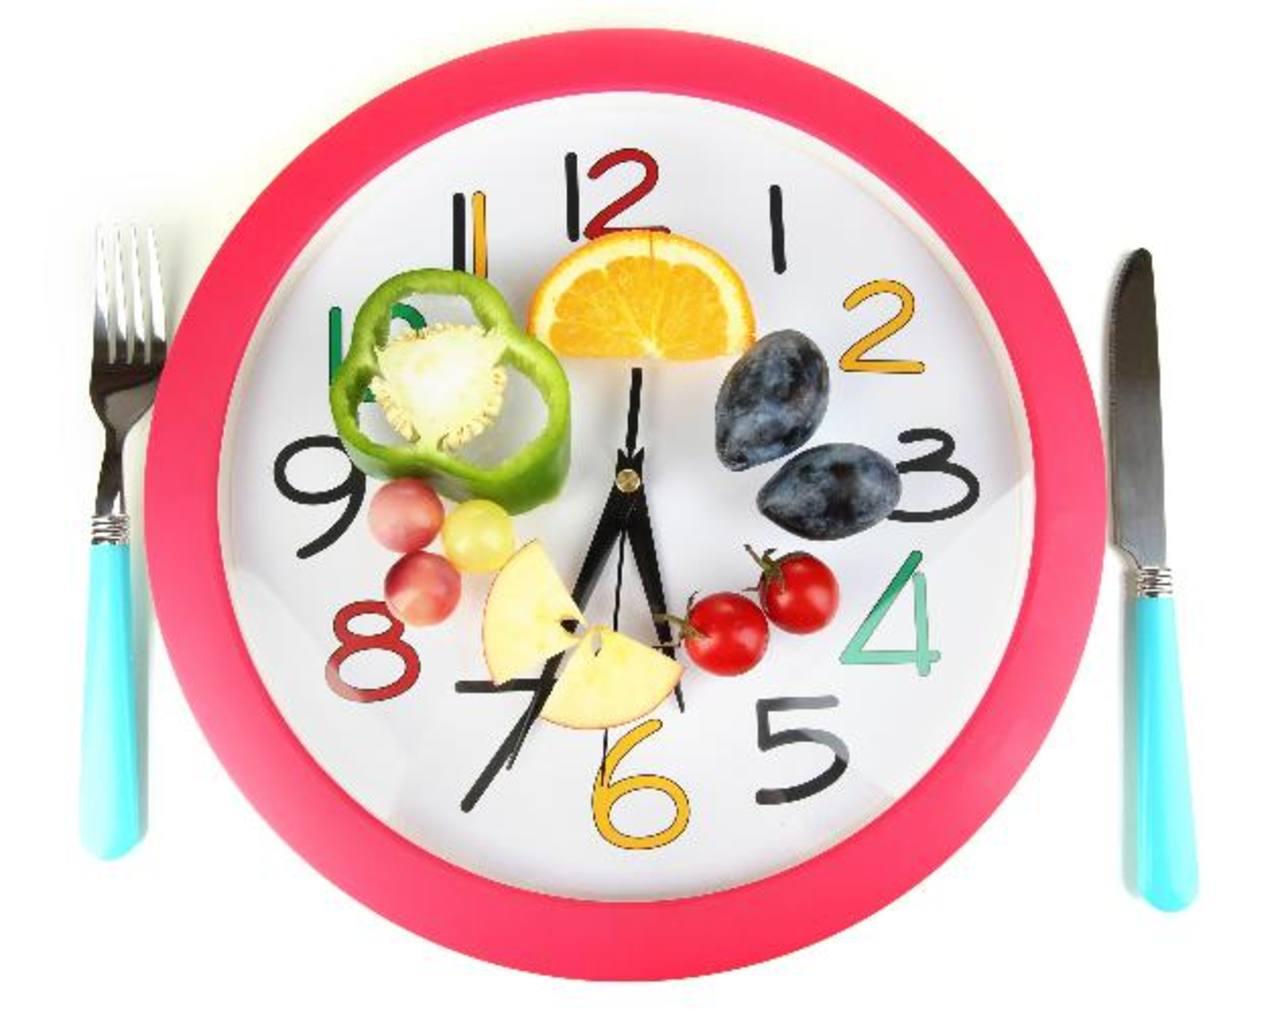 Alimentación para acelerar el metabolismo